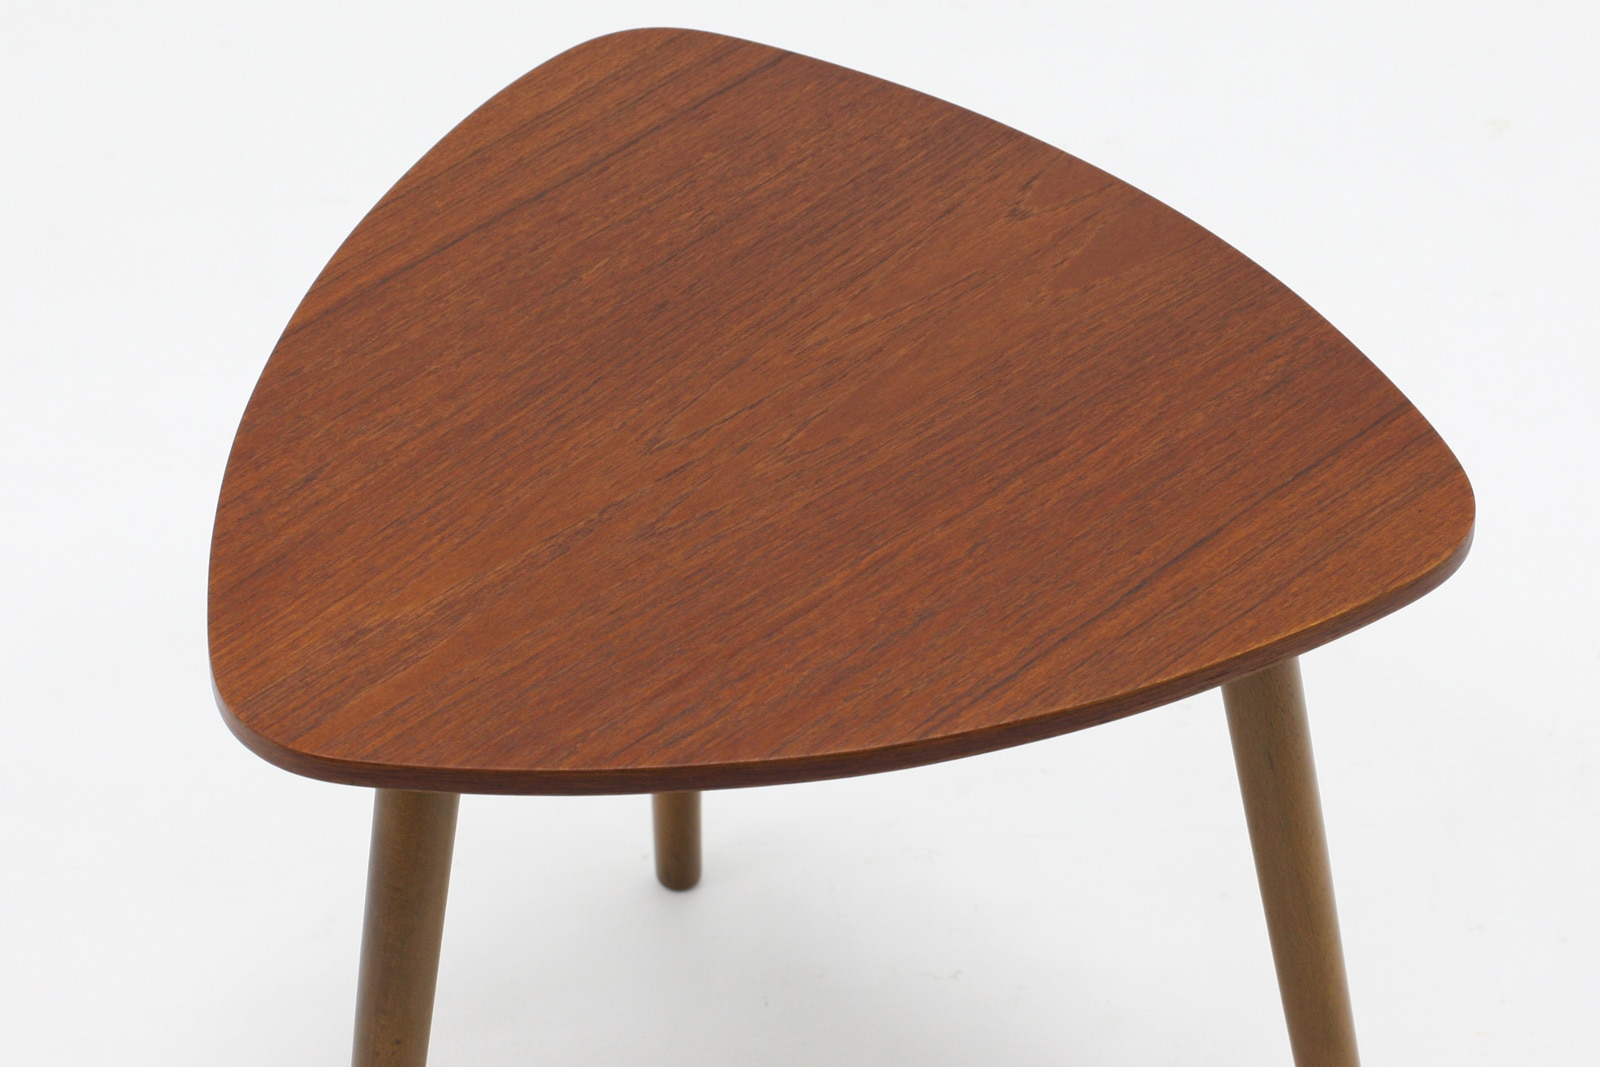 ヴィンテージ,北欧,サイドテーブル,三角天板,デンマーク家具